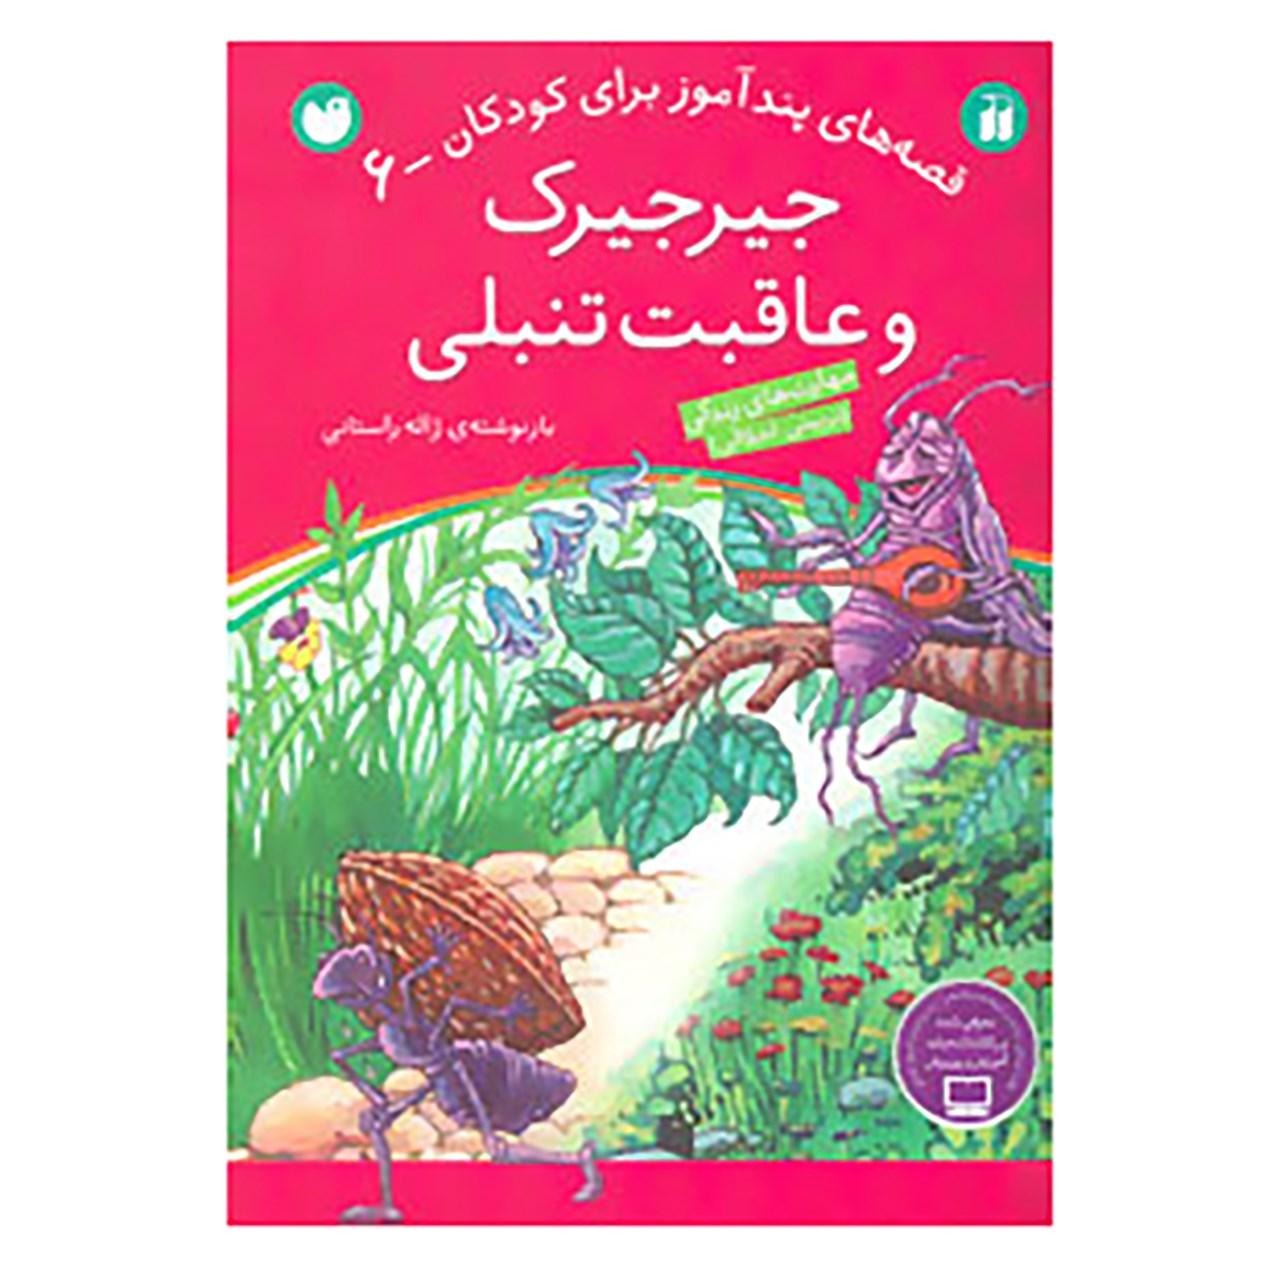 کتاب قصه های پندآموز برای کودکان 6 اثر ژاله راستانی